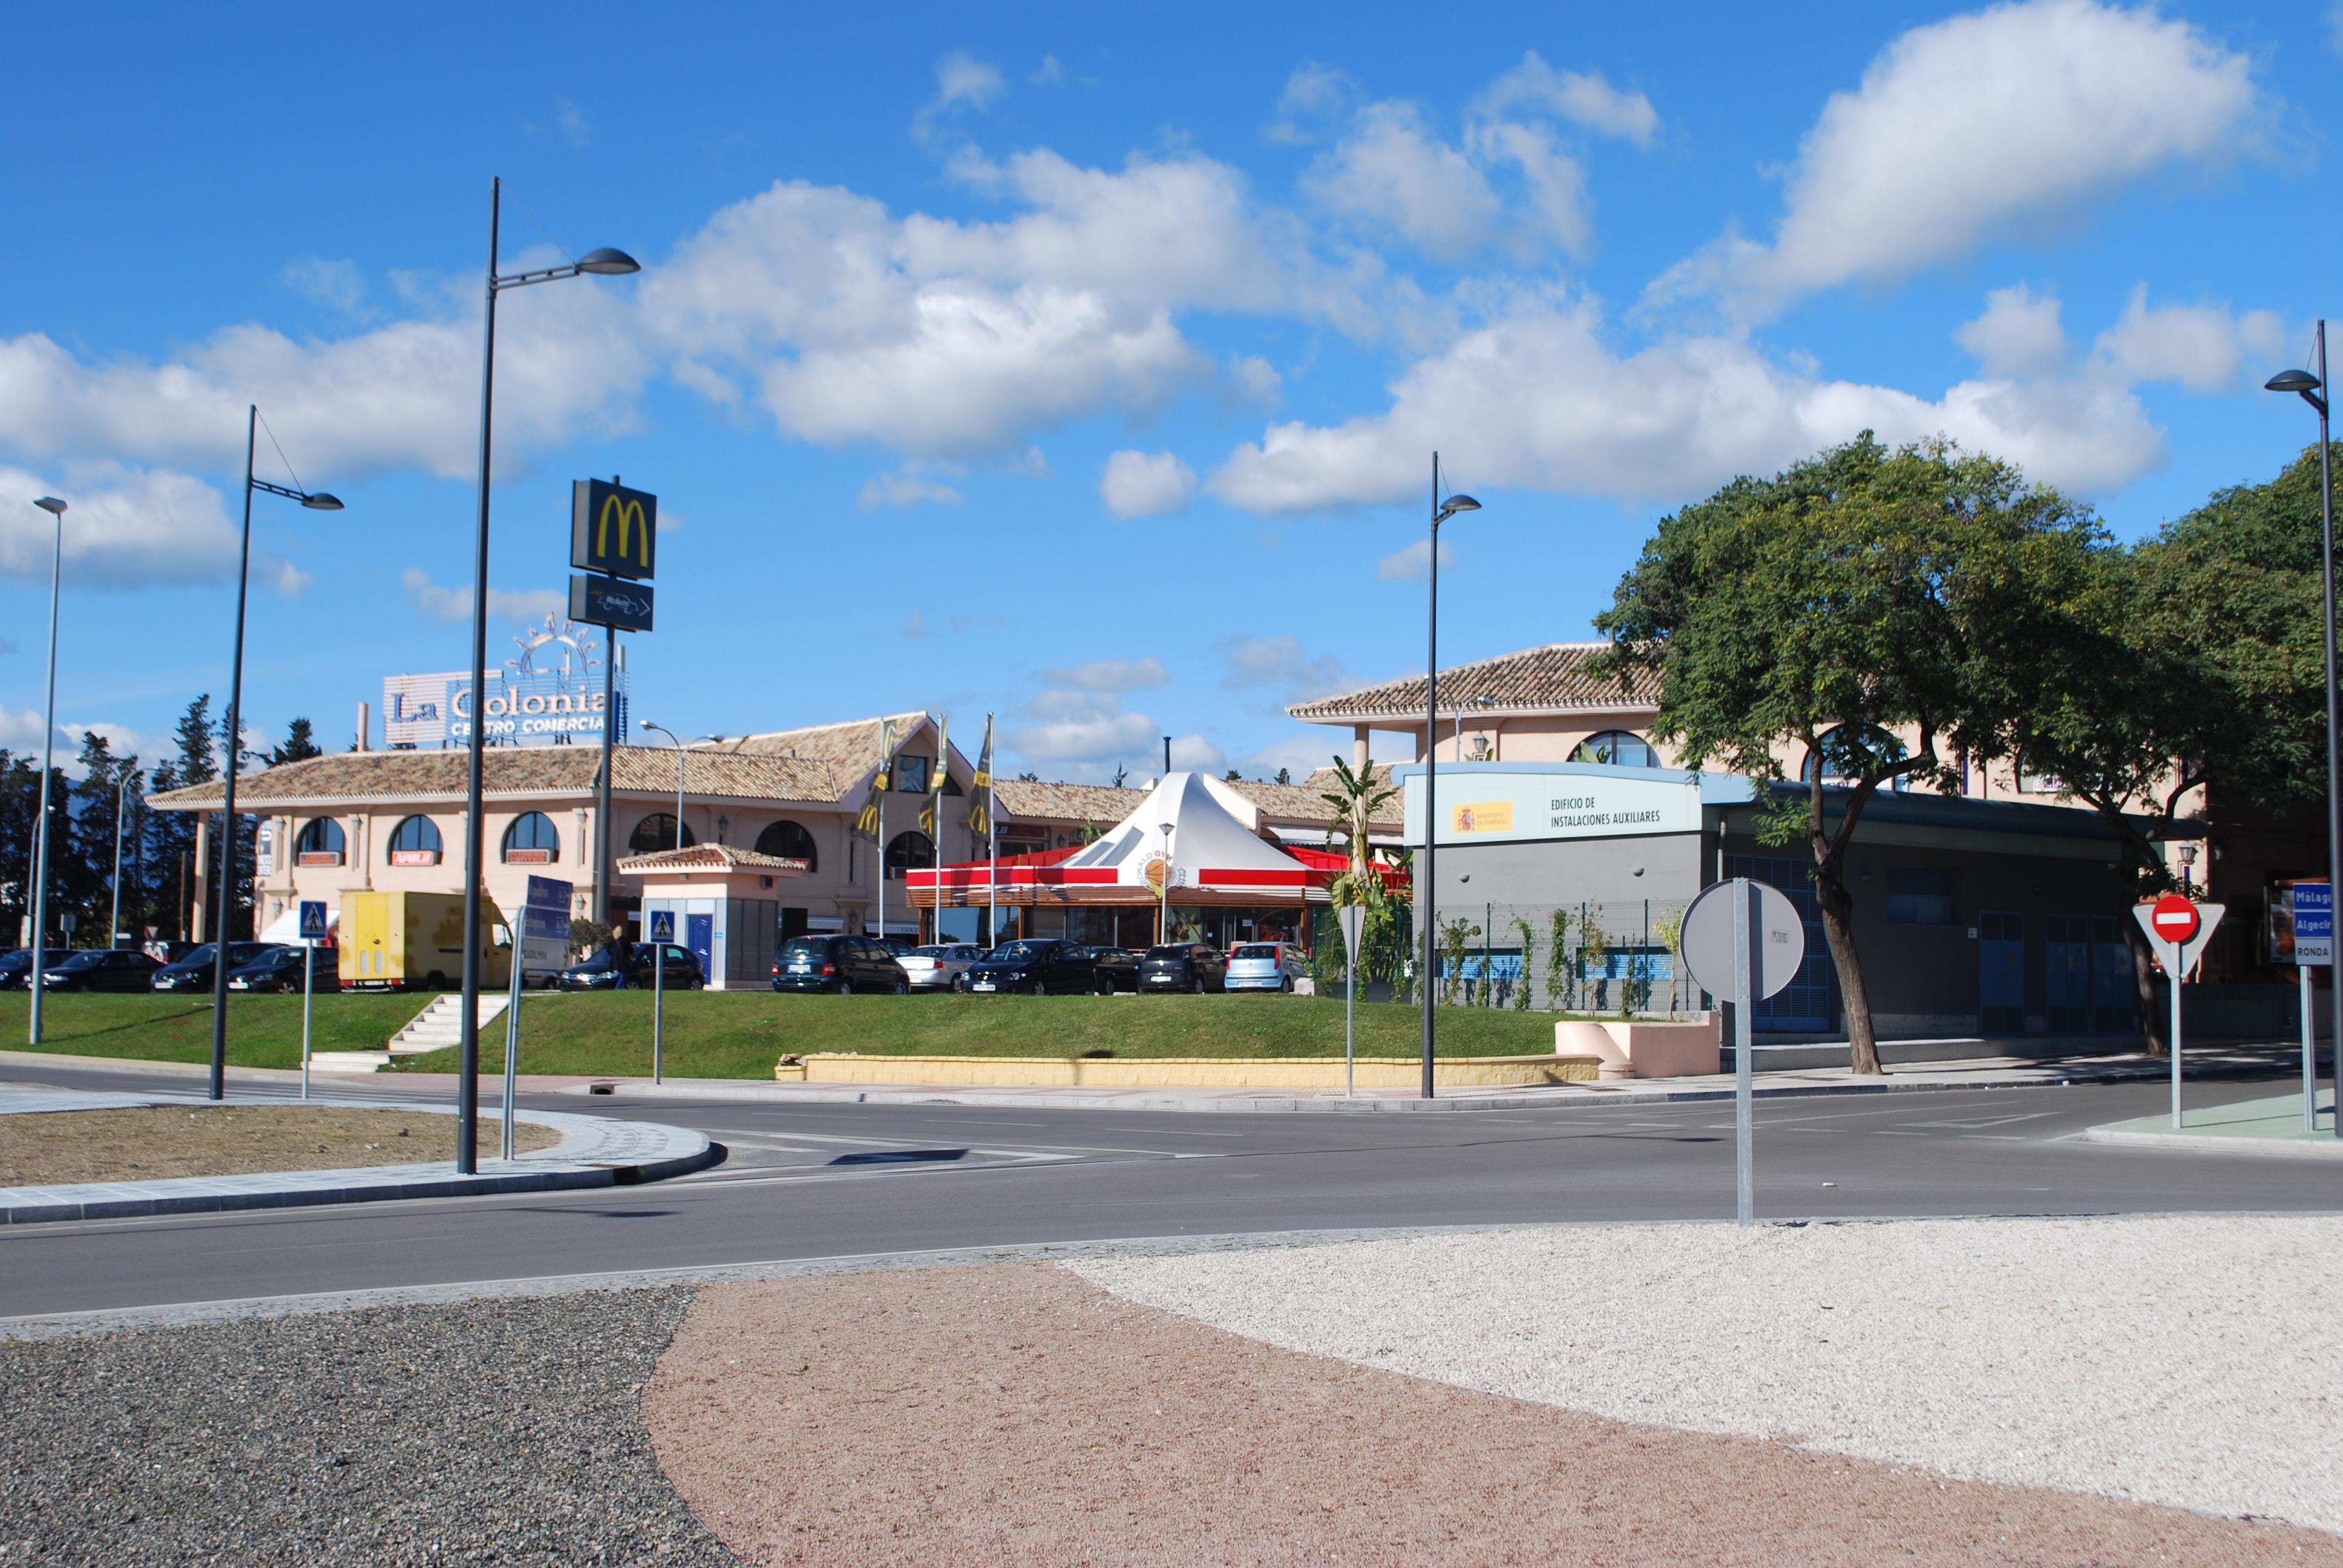 Centro Comercial La Colonia